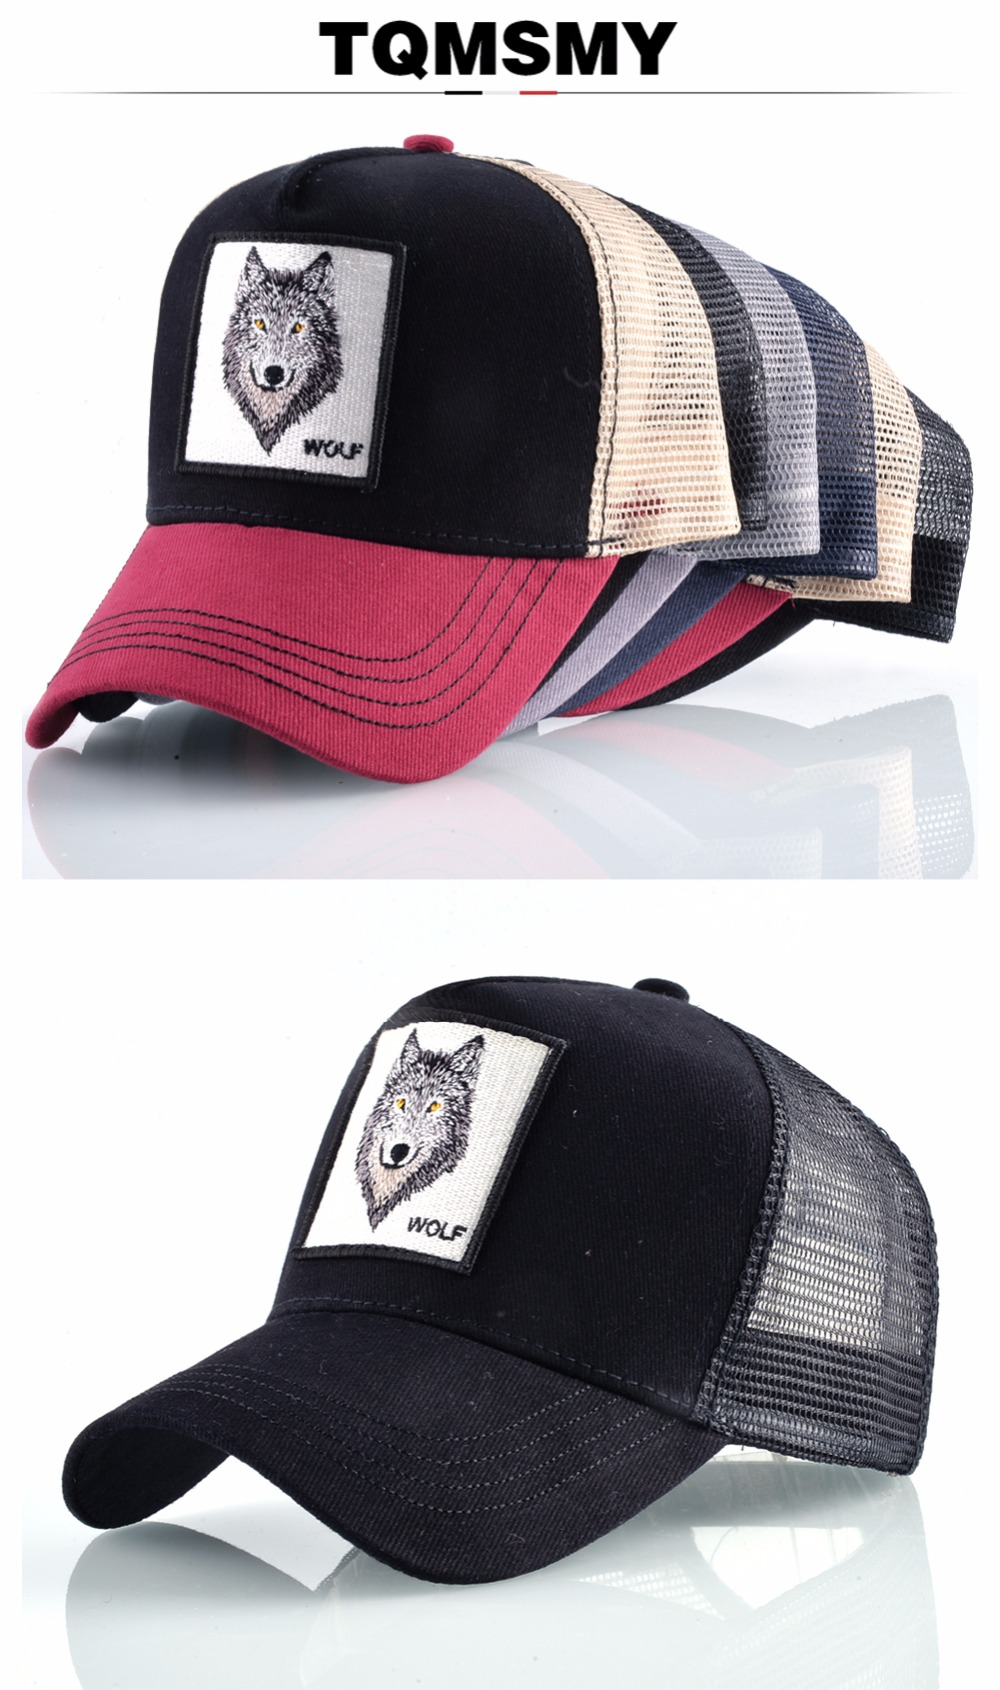 Su comercio tiene que asegurarse sobre que antes de cohechar un 8 tipos de bordado  animal gorras de béisbol de los hombres de malla transpirable Snapback ... 950243db74b